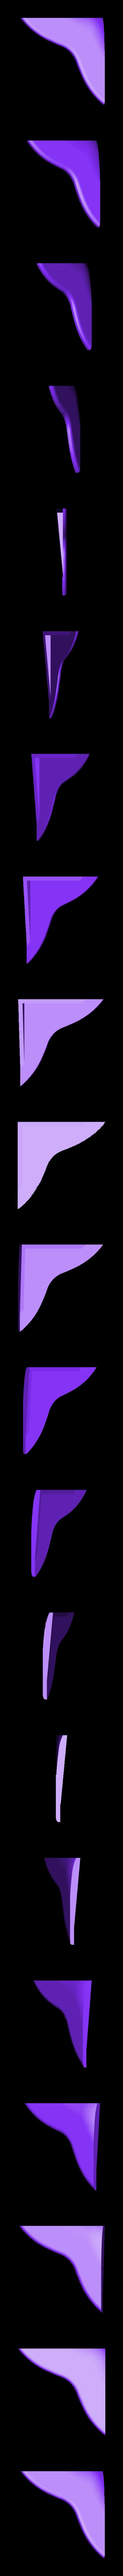 Corner Cover.STL Télécharger fichier STL gratuit Poitrine de Foerris • Objet pour imprimante 3D, Foerris